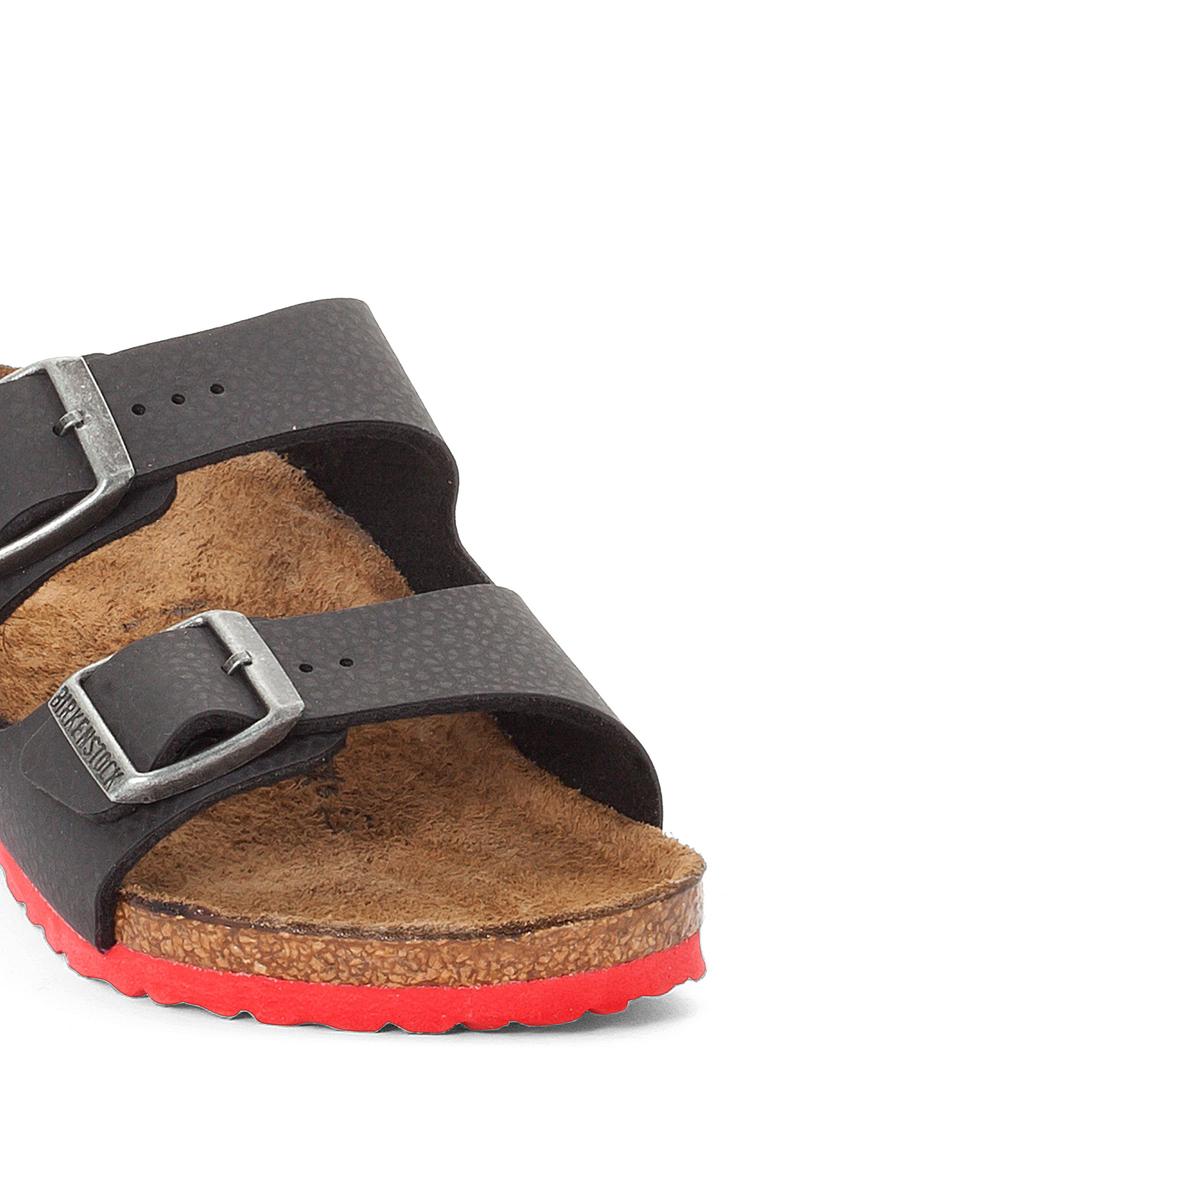 Туфли без задника синтетическиеДетали   •  Туфли без задника •  Застежка : без застежки •  Открытый мысокСостав и уход  •  Верх 100% синтетический материал •  Подкладка 100% текстиль •  Стелька 100% кожа •  Подошва 100% ЭВА<br><br>Цвет: черный/ красный